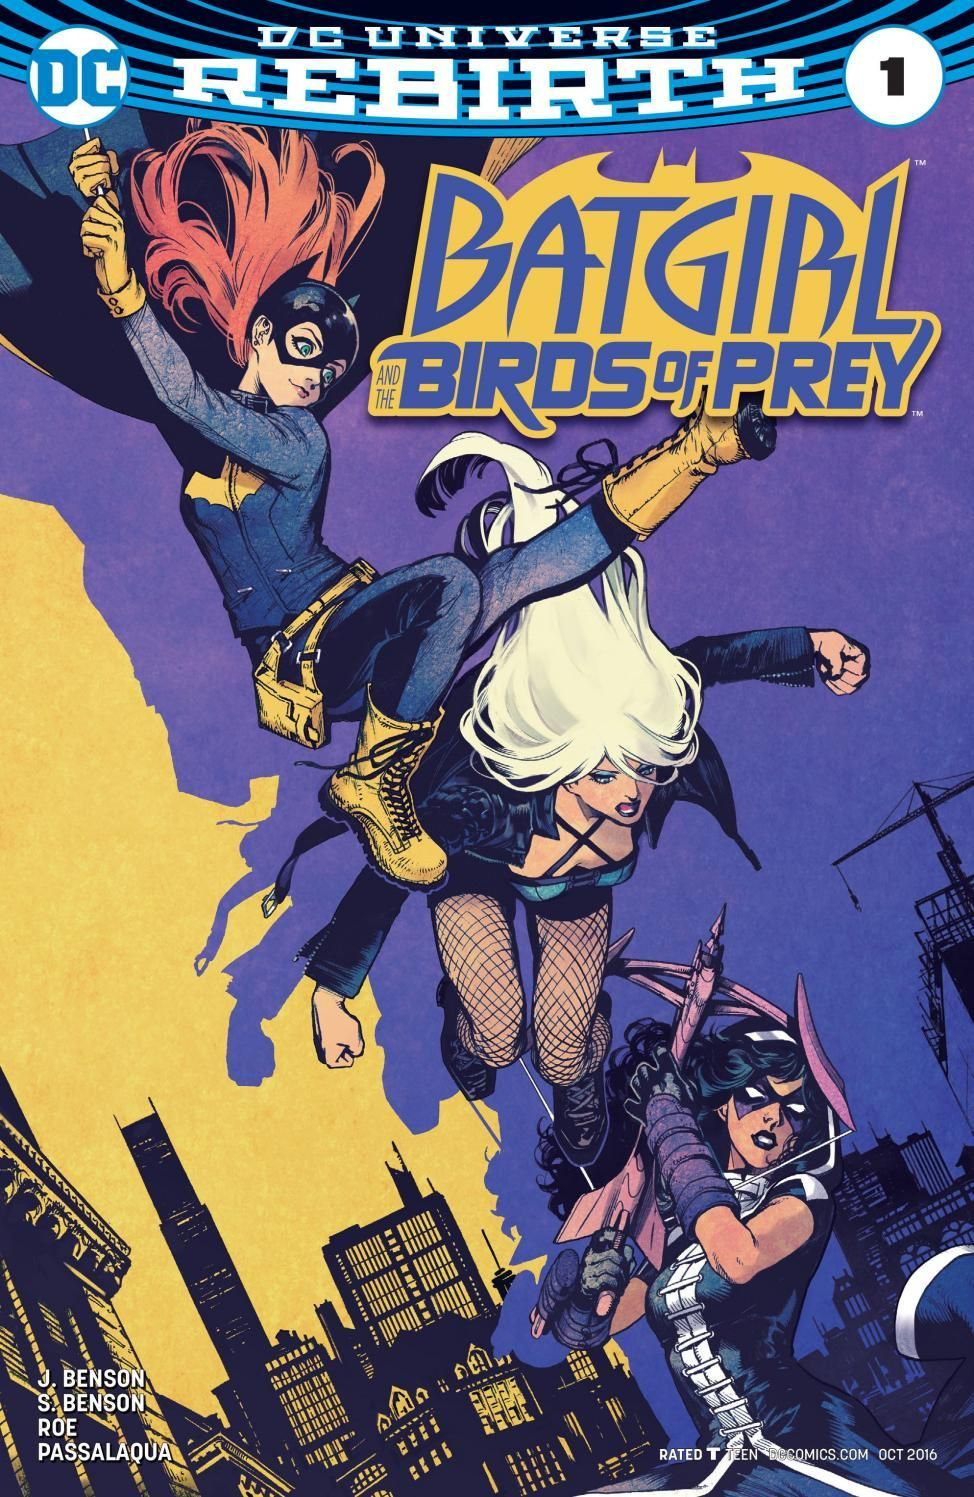 BATGIRL BIRDS OF PREY 01 | Super Marvel-DC | Batgirl, Super